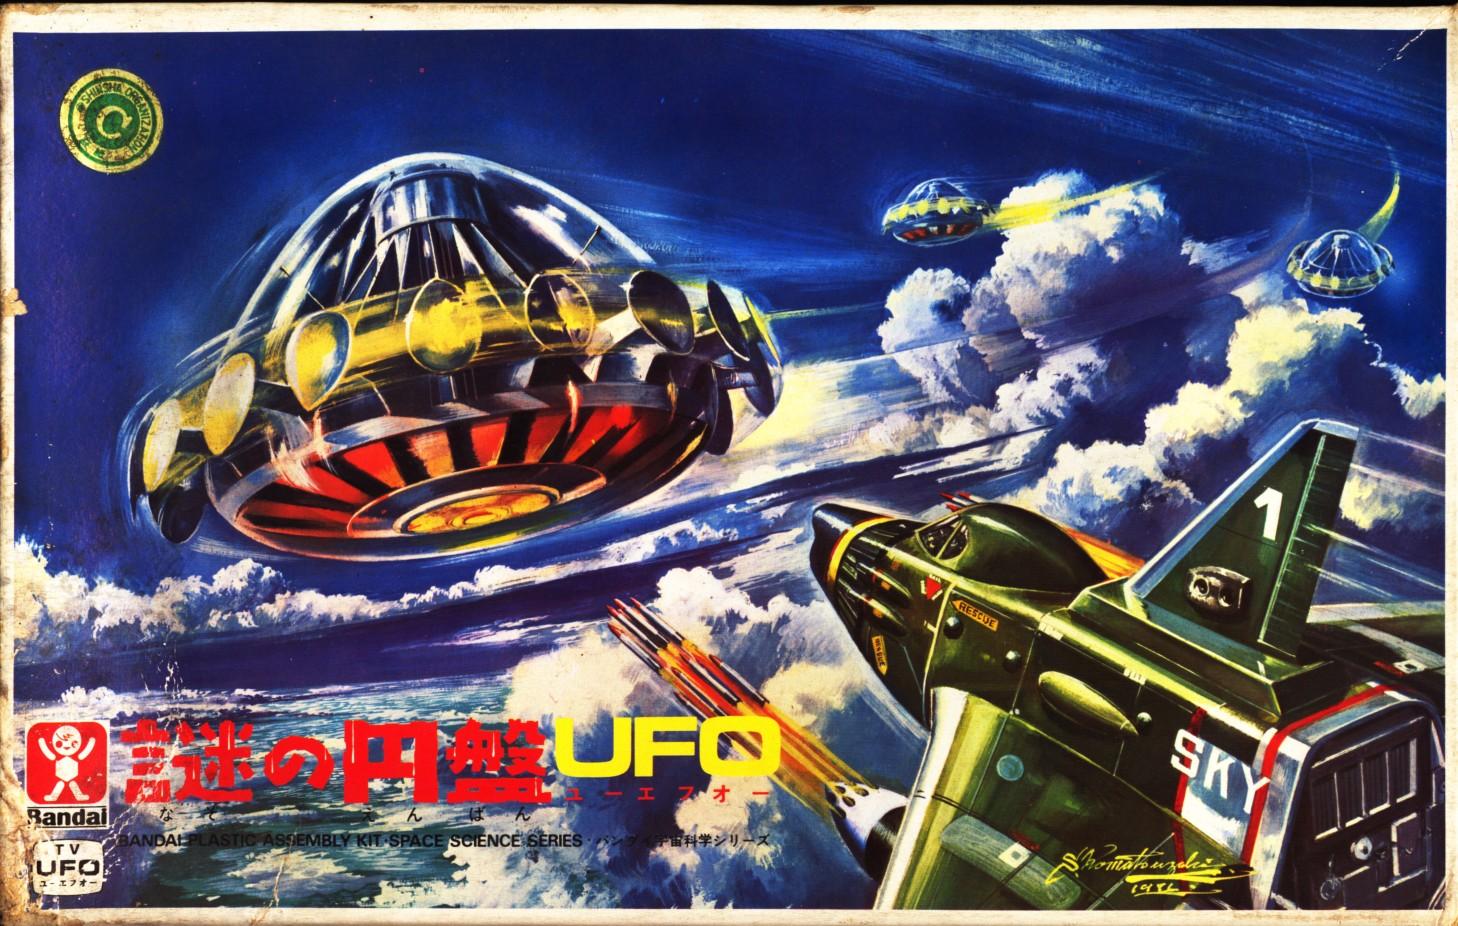 バンダイ謎の円盤UFO初版 タグ :バンダイ謎の円盤UFOプラモデル初版UFO